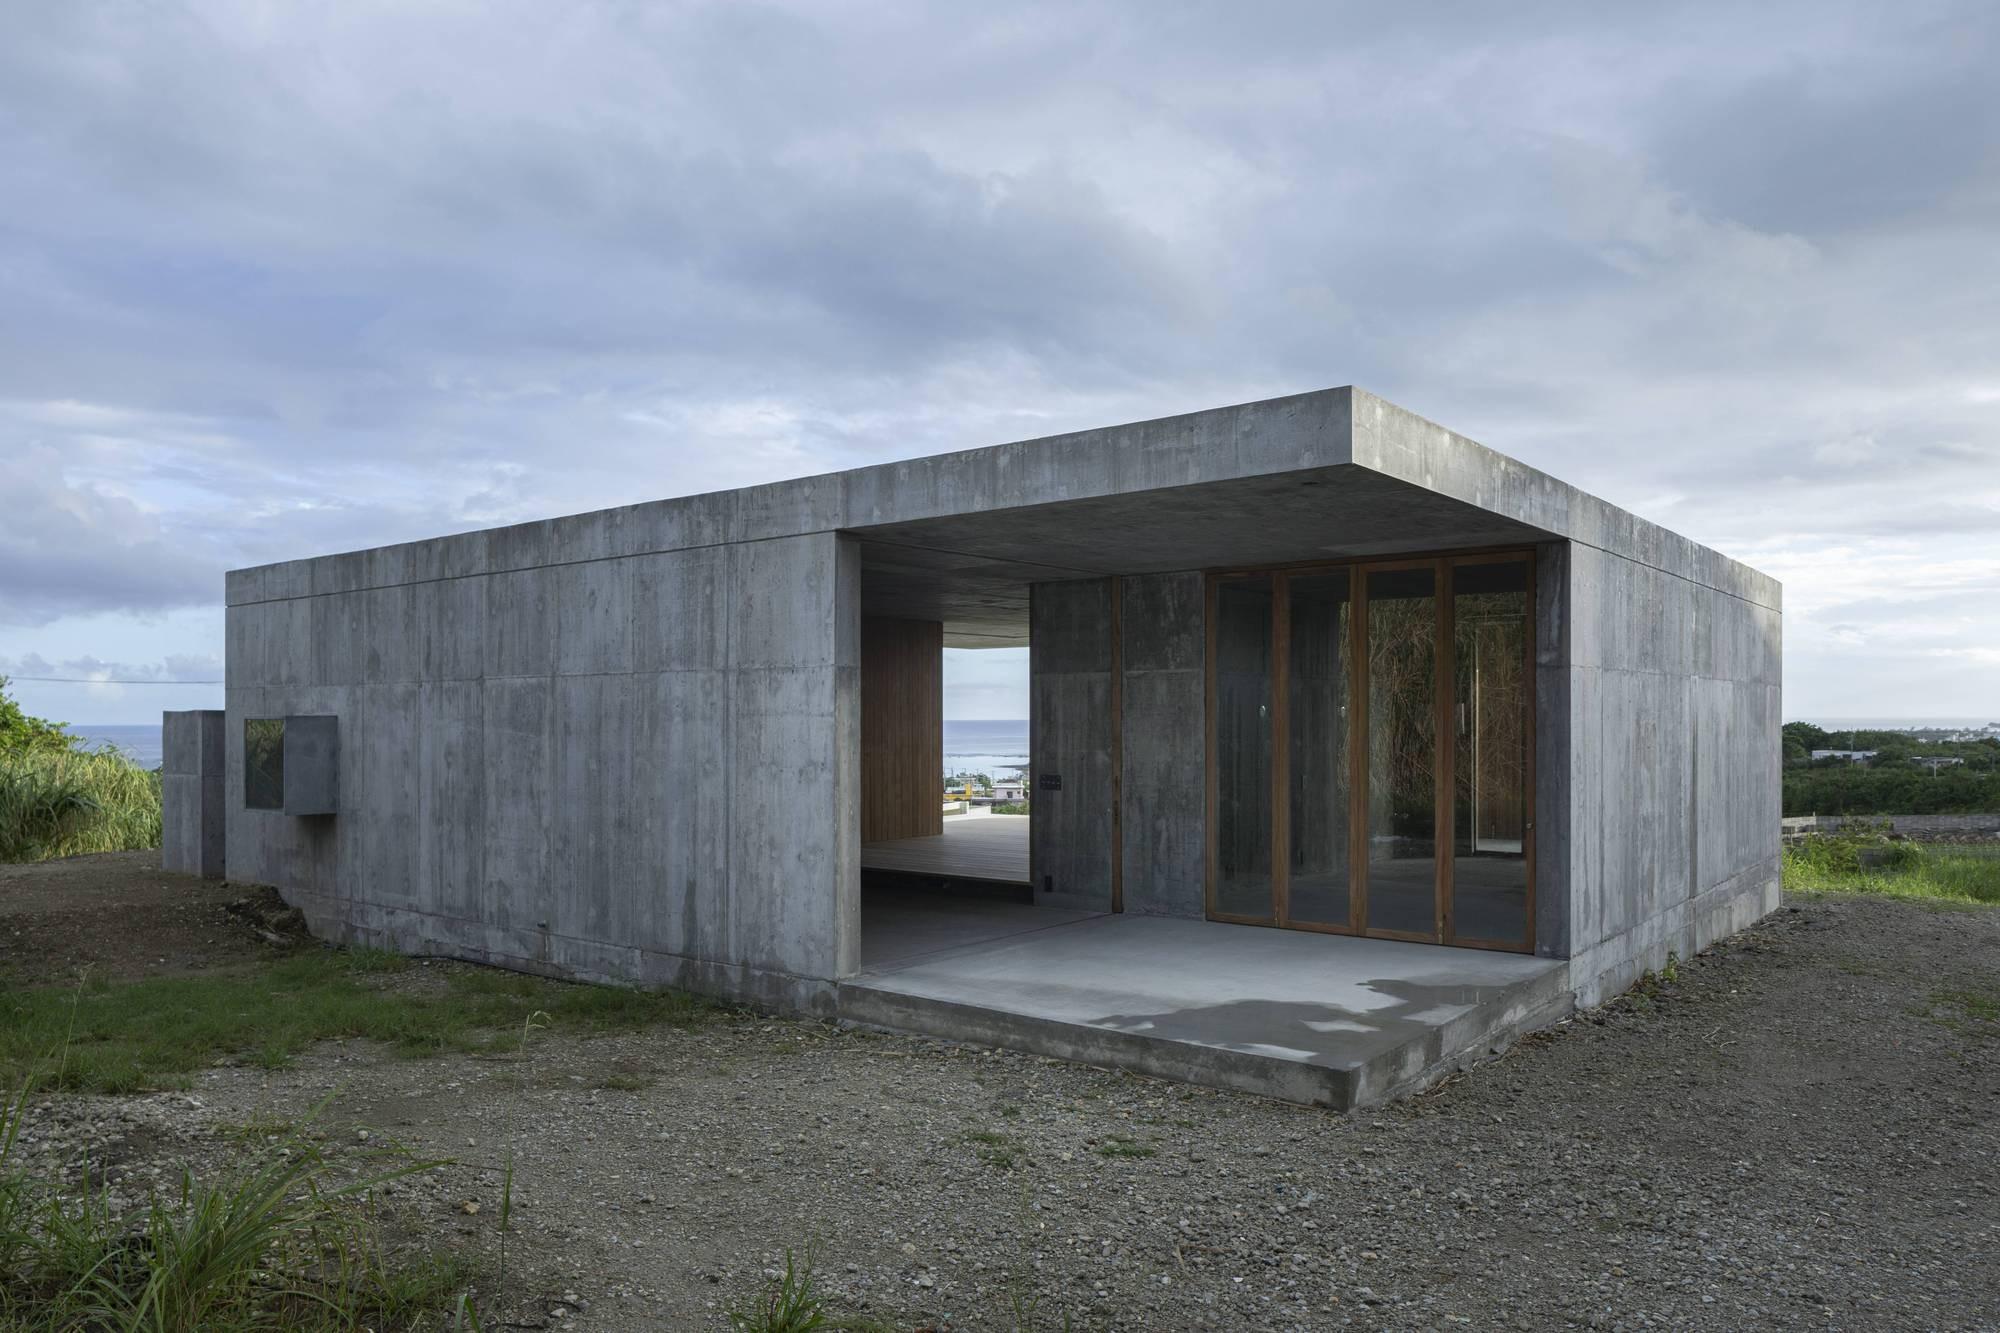 Бетонный семейный дом с мастерской, Япония